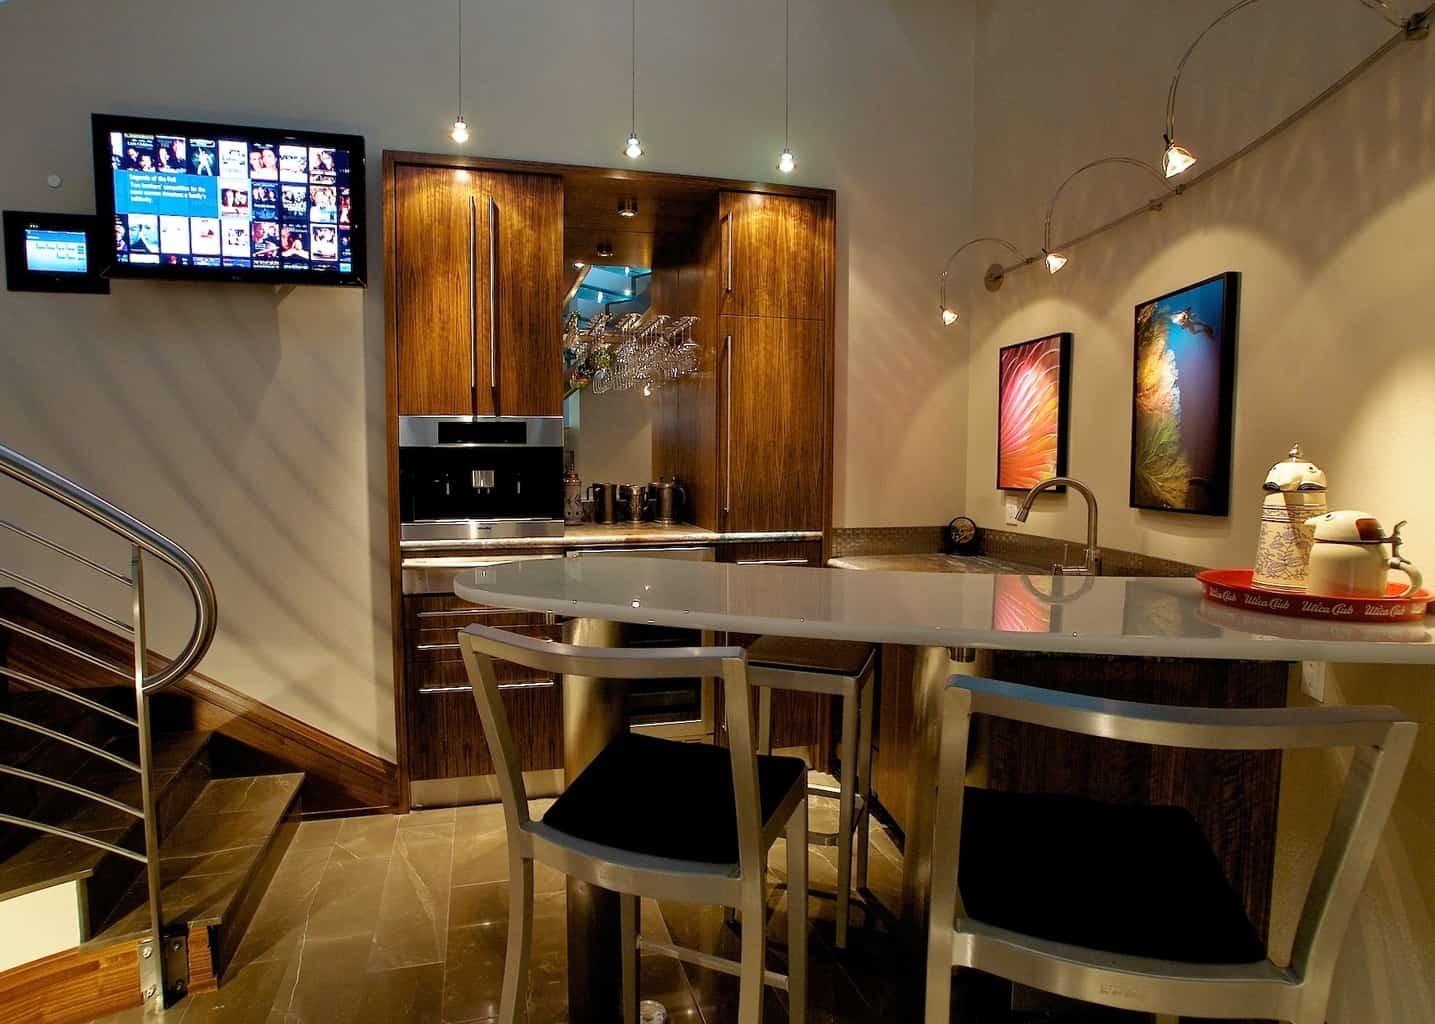 kitchen remodeling salem oregon - cypress homes salem oregon